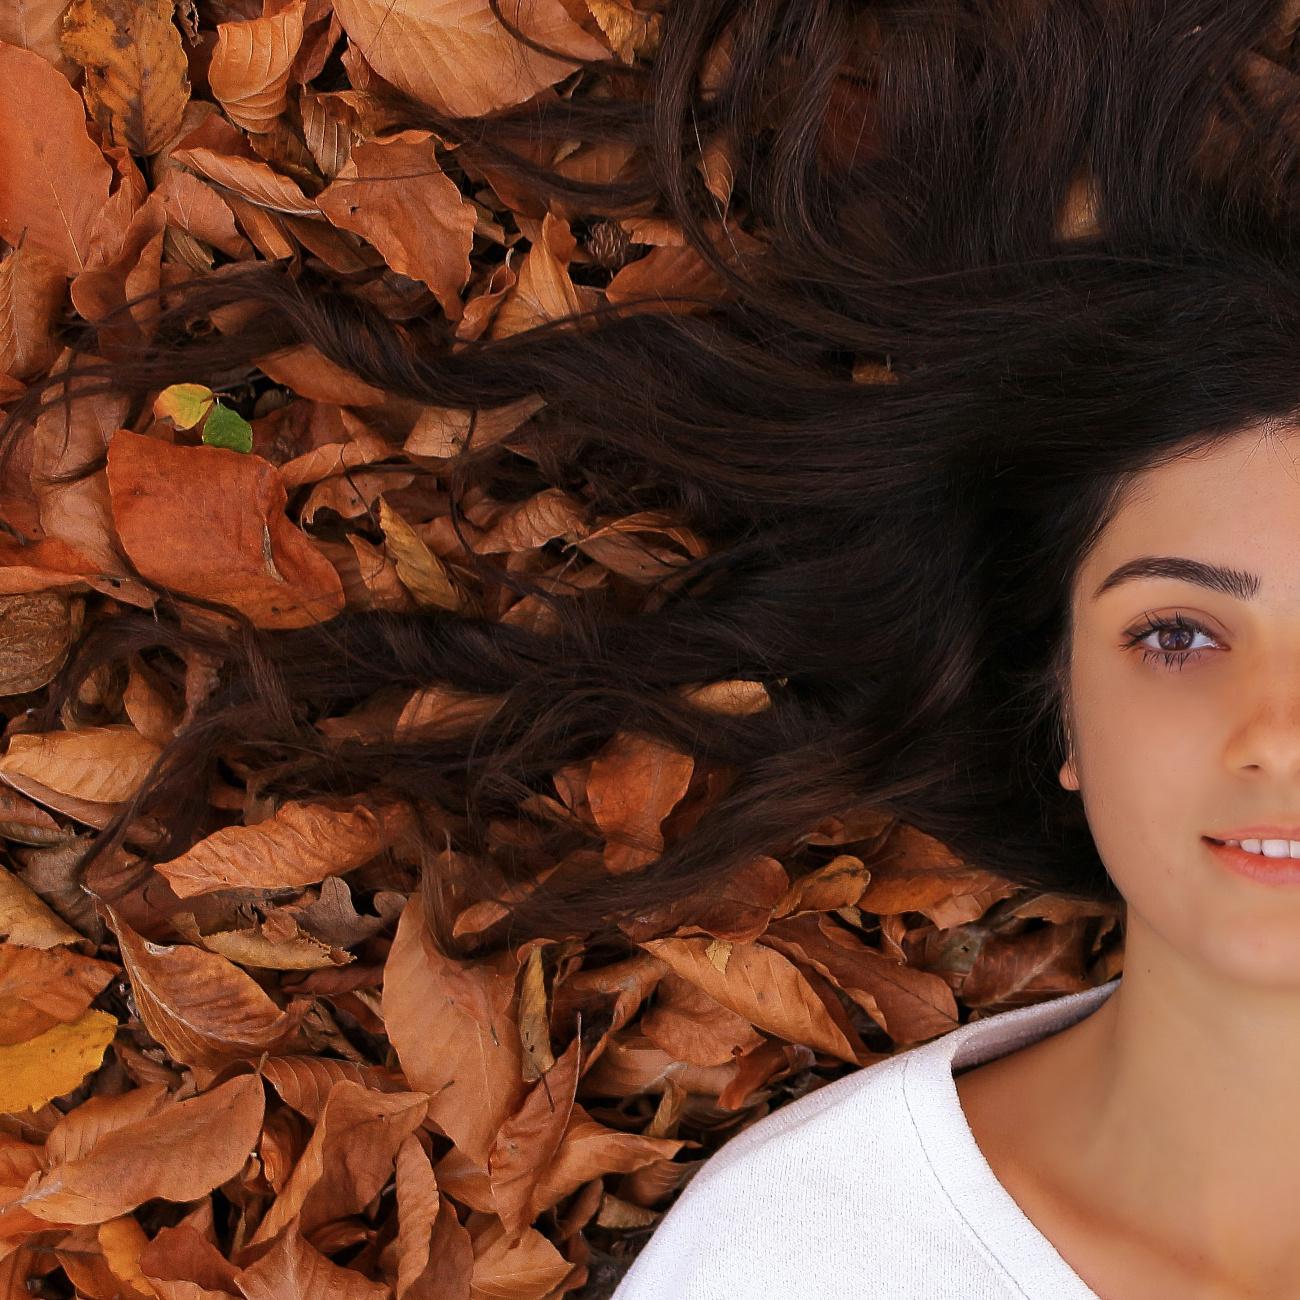 È arrivato l'autunno: quali gioielli indossare?   Gioiello Italiano